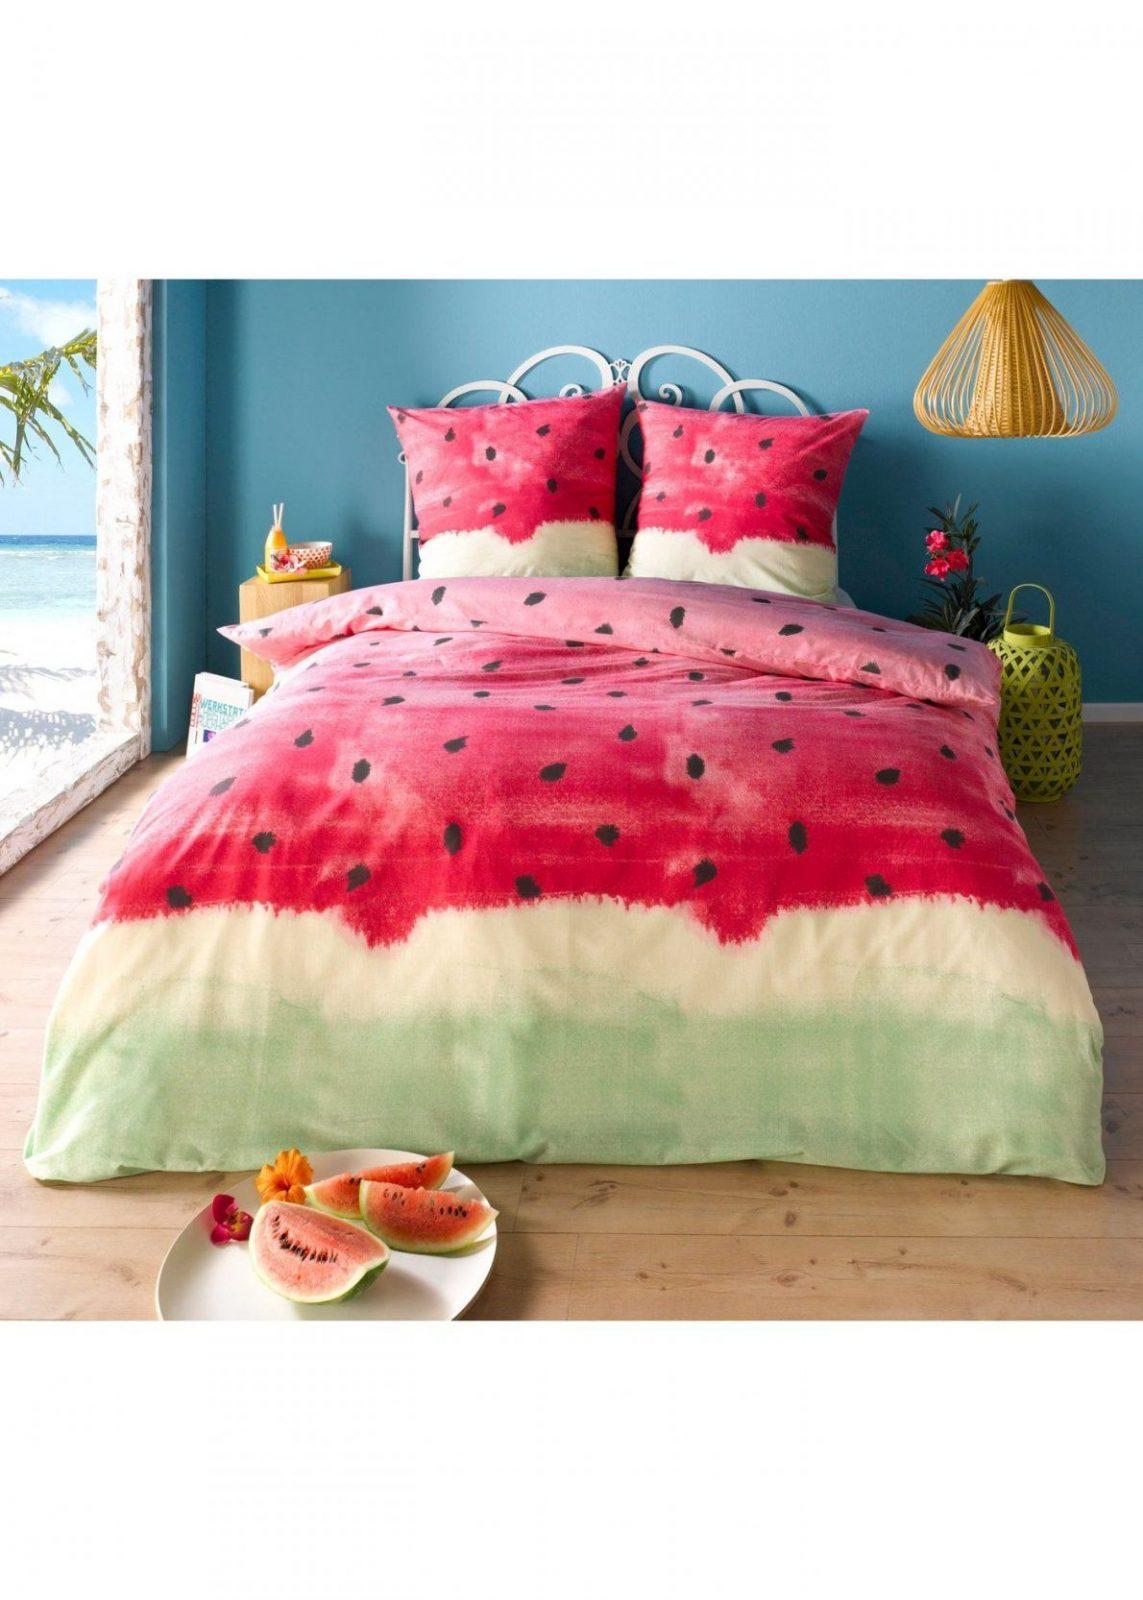 Die Bettwäsche  Melonen Bettbezug Und Bettwaesche von Bettwäsche Selber Gestalten Günstig Bild